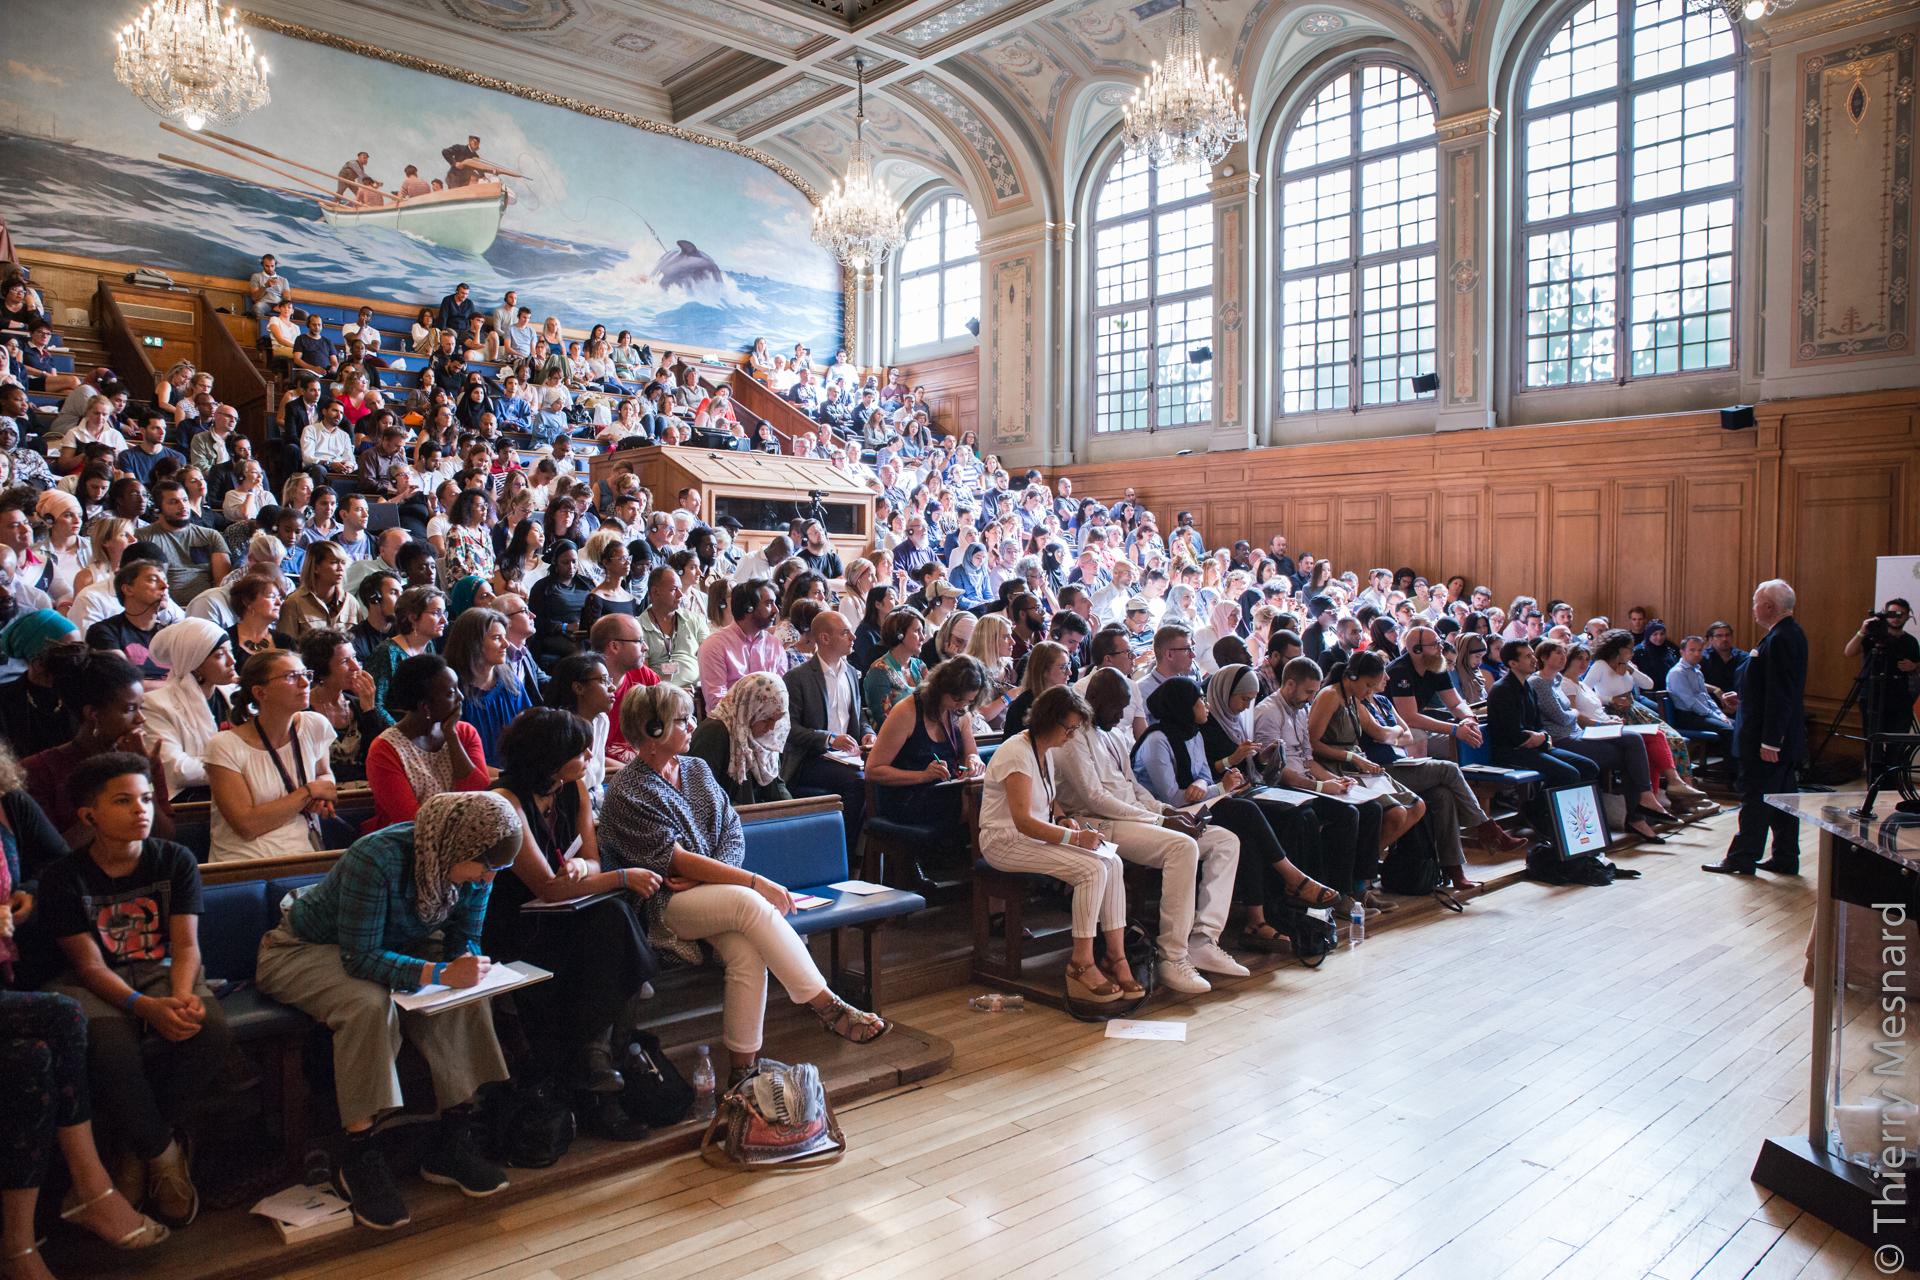 Conférence Apprendre à Apprendre à Paris organisée par Nicolas Lisiak, Jérôme Hoarau (co-fondateur de Passion d'Apprendre) et Michel Wozniak